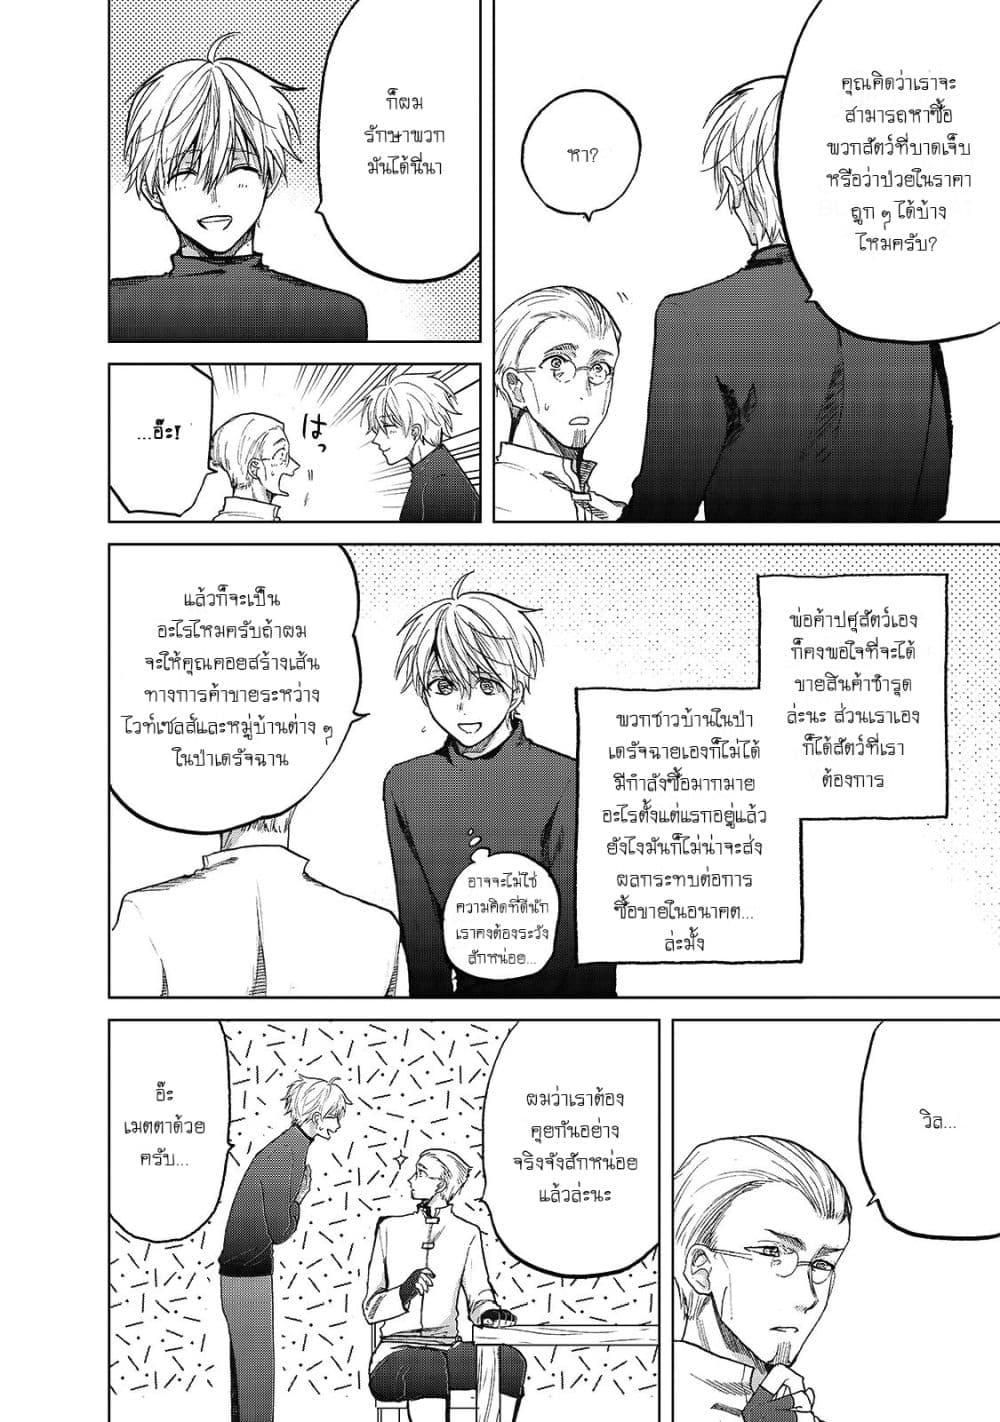 อ่านการ์ตูน Saihate no Paladin ตอนที่ 22 หน้าที่ 32